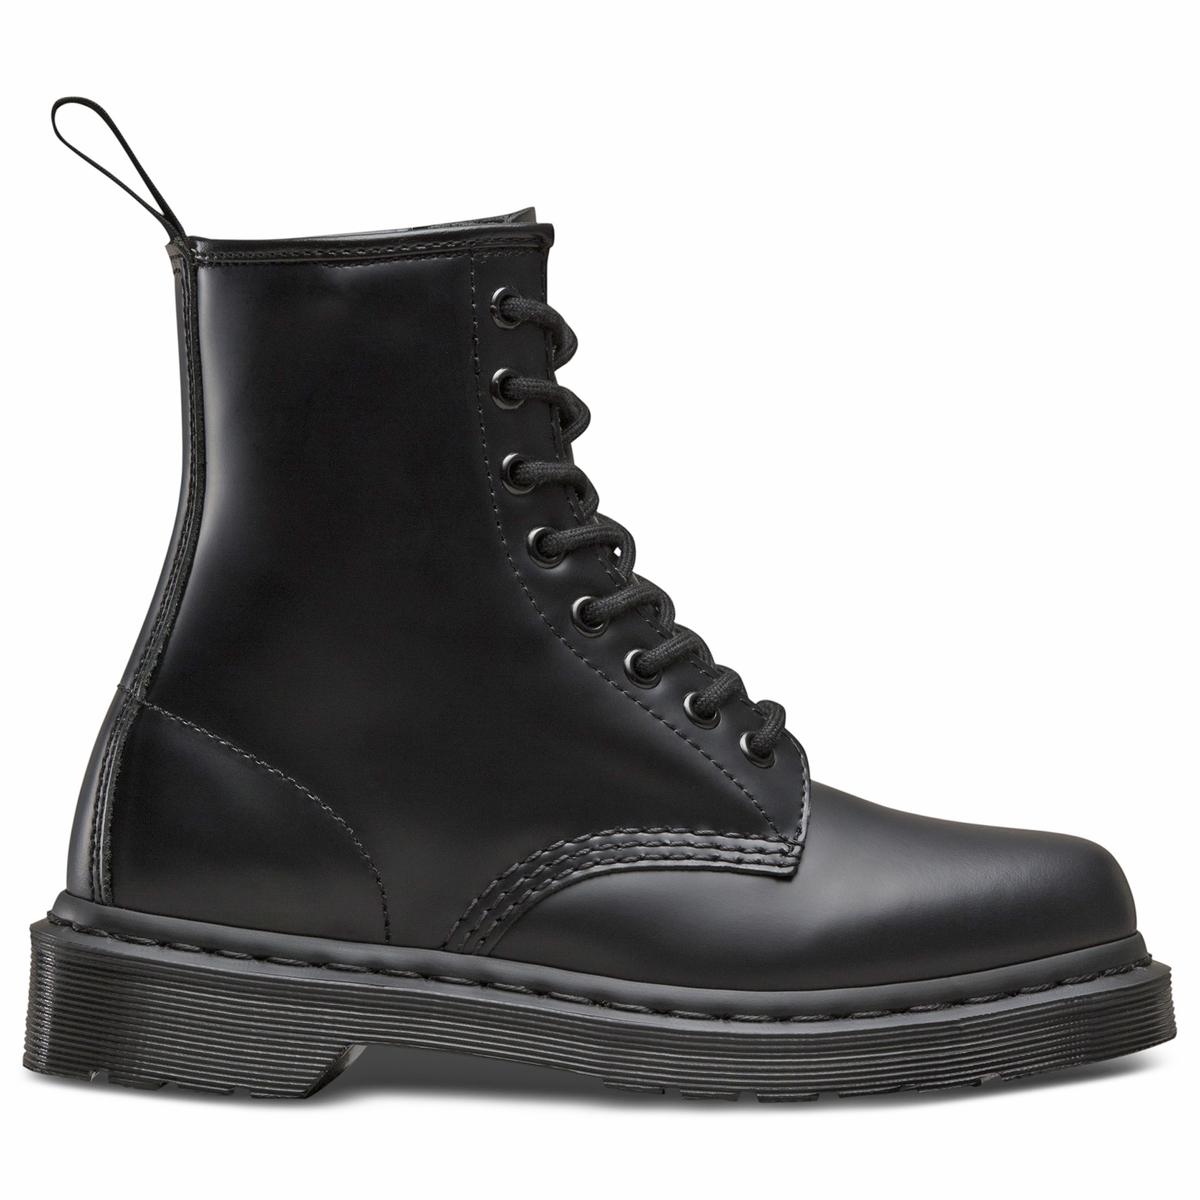 Ботинки La Redoute Кожаные на шнуровке 44 черный